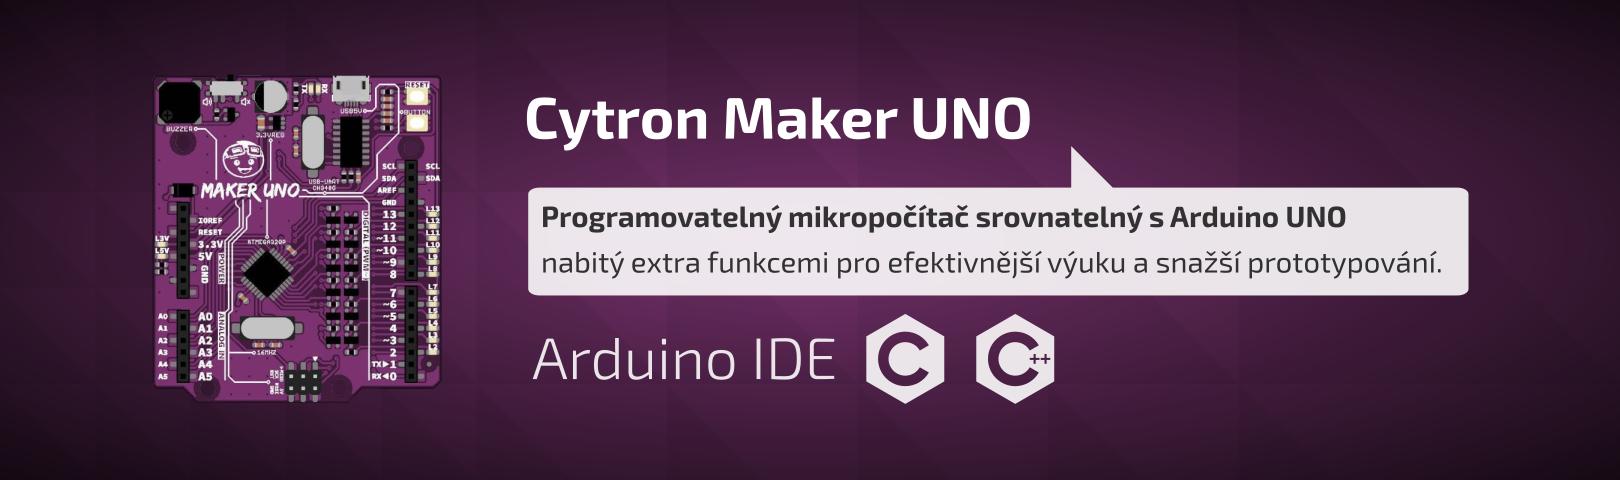 Cytron Maker Uno